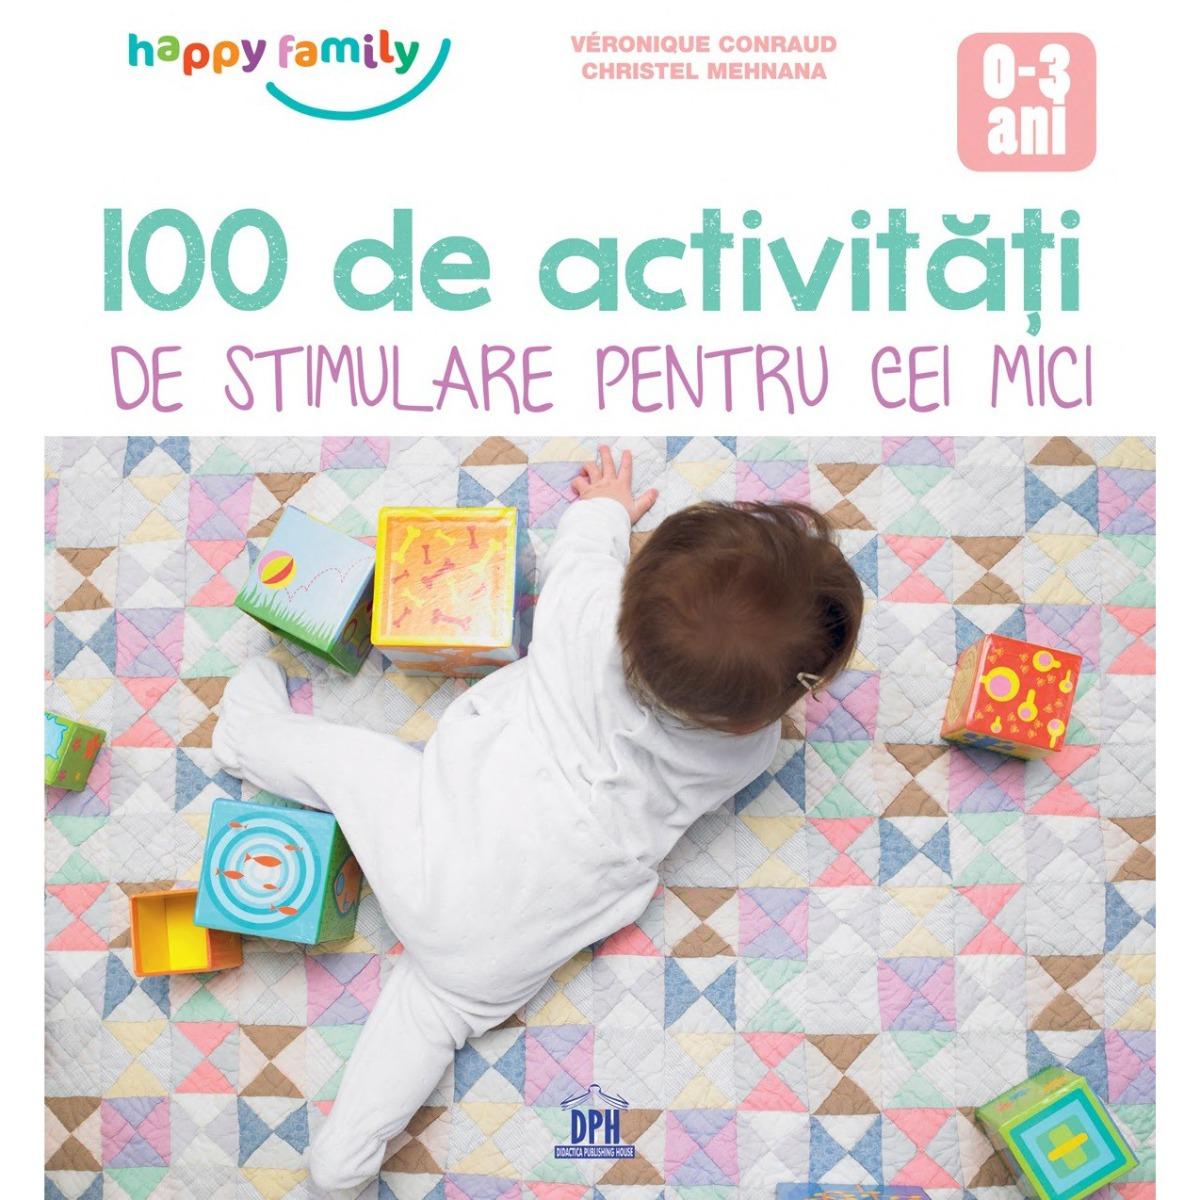 100 de activitati de stimulare pentru cei mici, Editura DPH